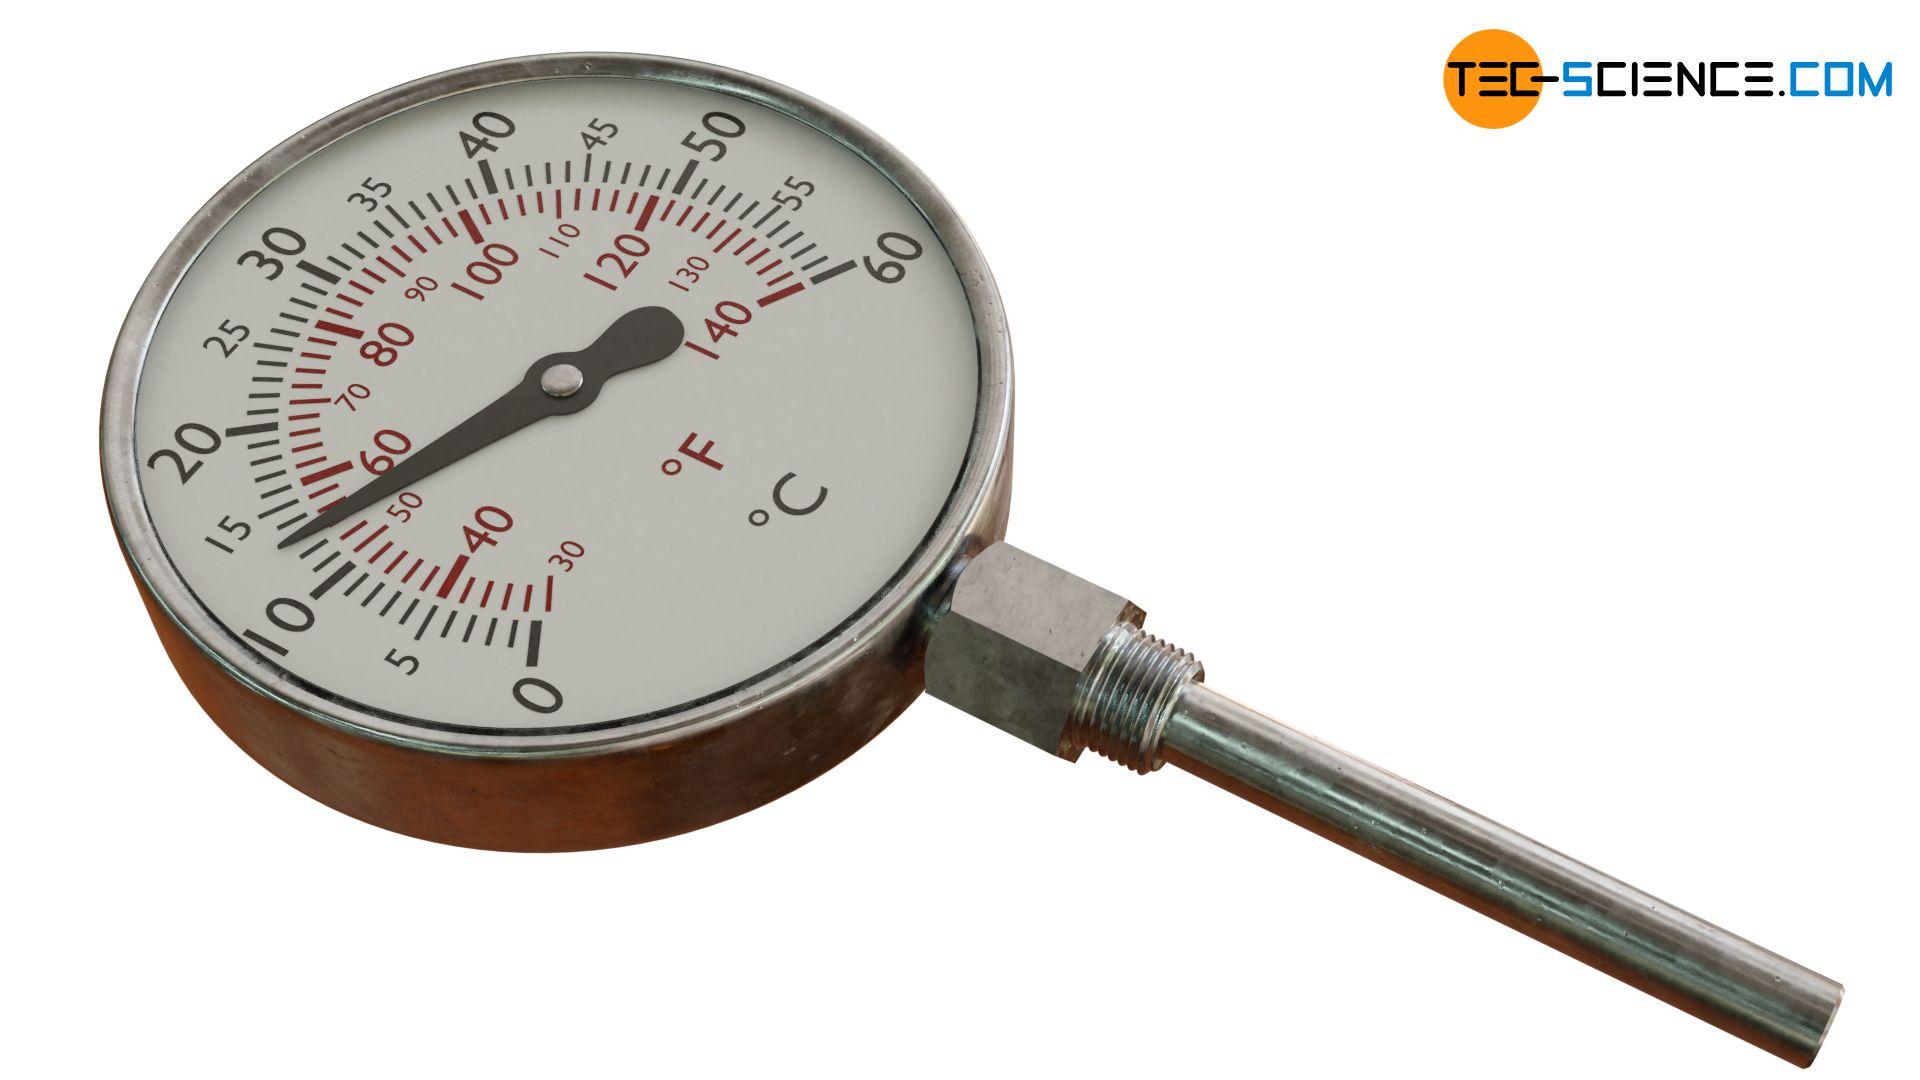 Flüssigkeitsdruck-Federthermometer